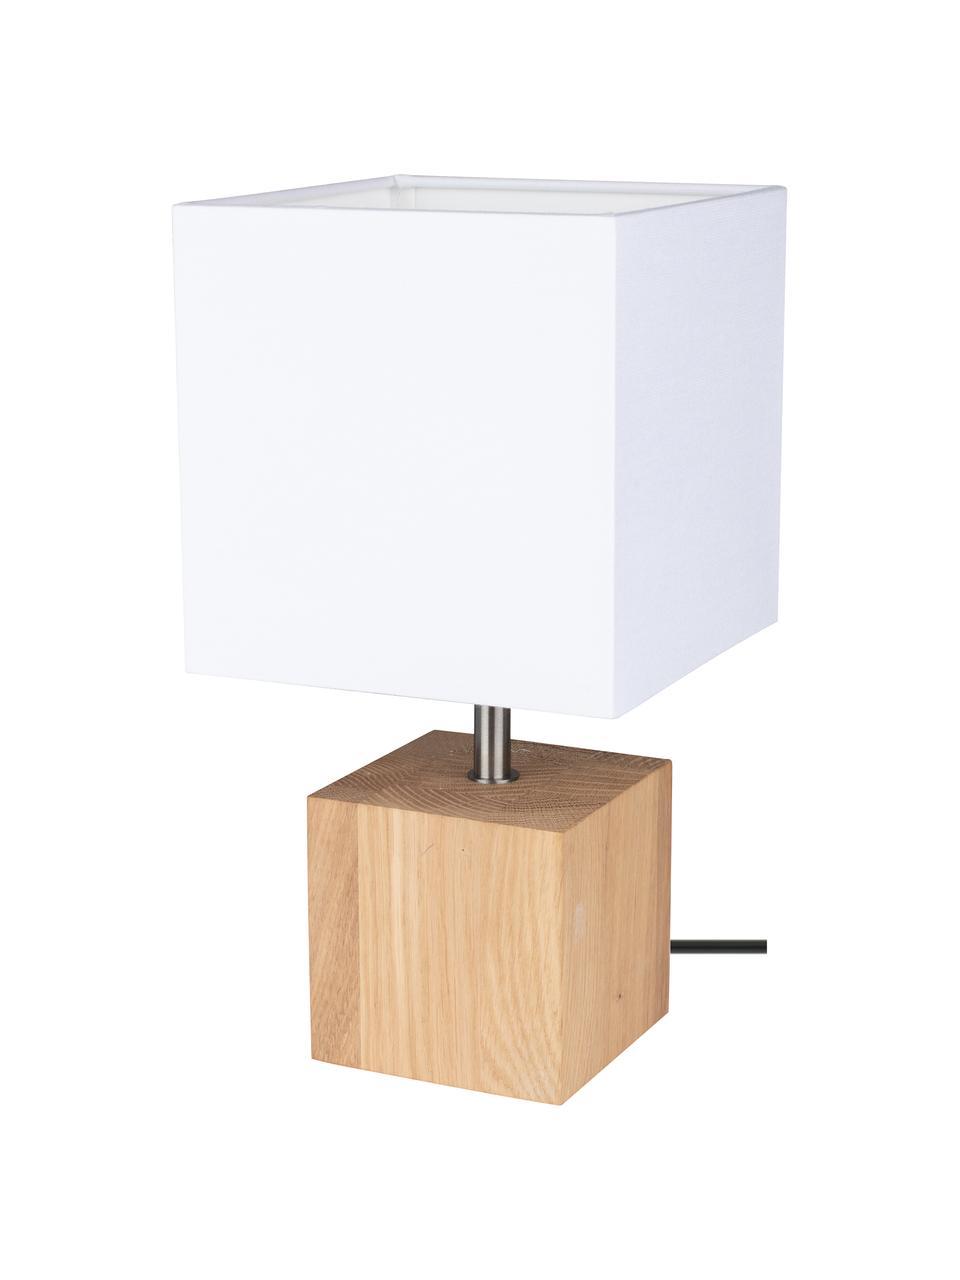 Kleine Tischlampe Trongo aus Eichenholz, Lampenschirm: Stoff, Lampenfuß: Eichenholz, geölt, Weiß, Hellbraun, 15 x 30 cm